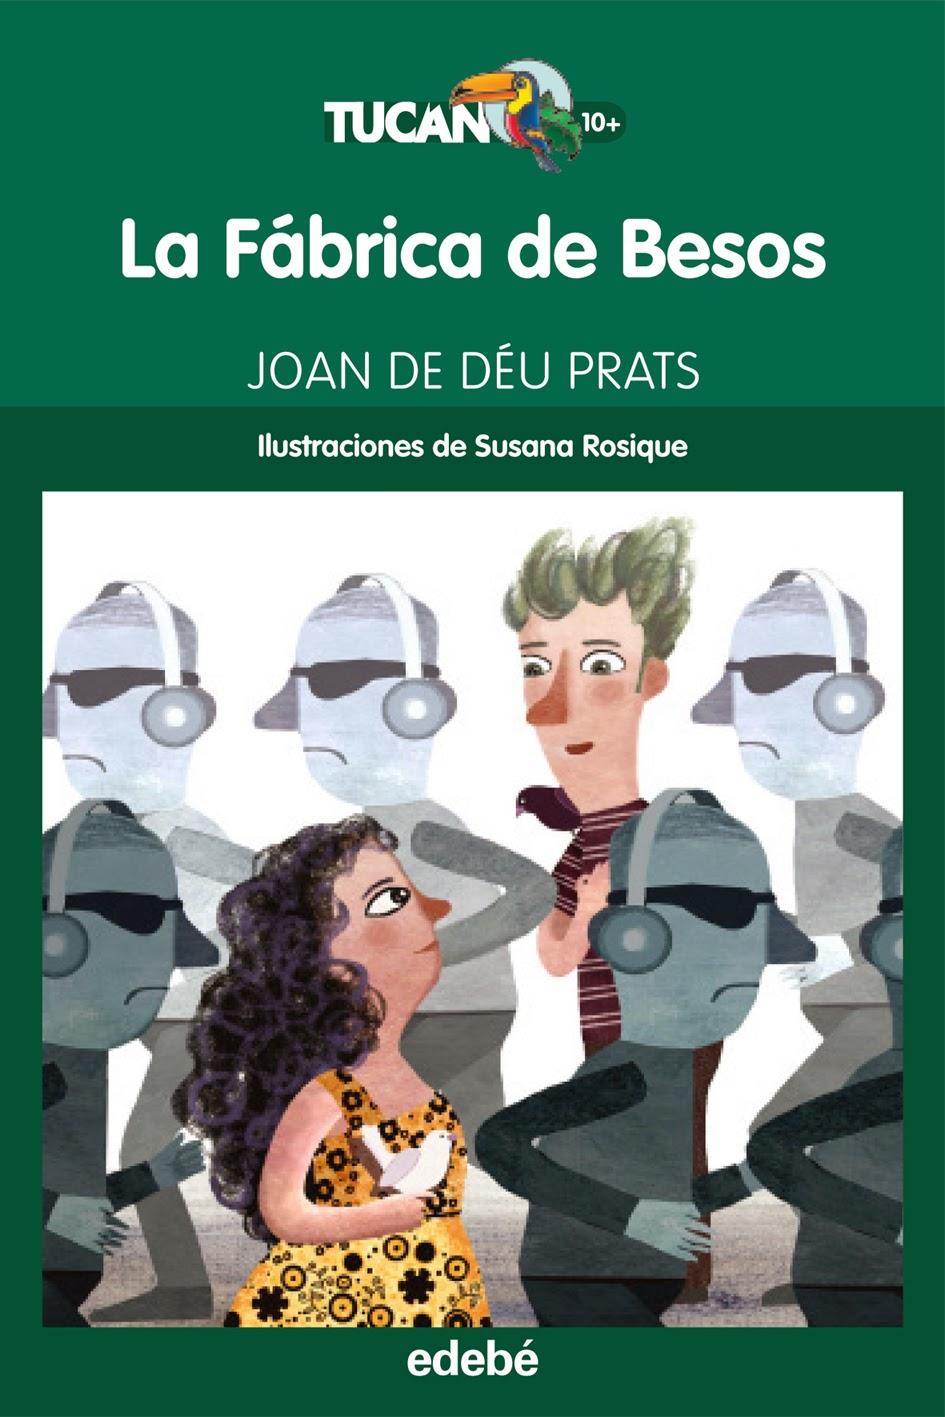 LA FÁBRICA DE BESOS